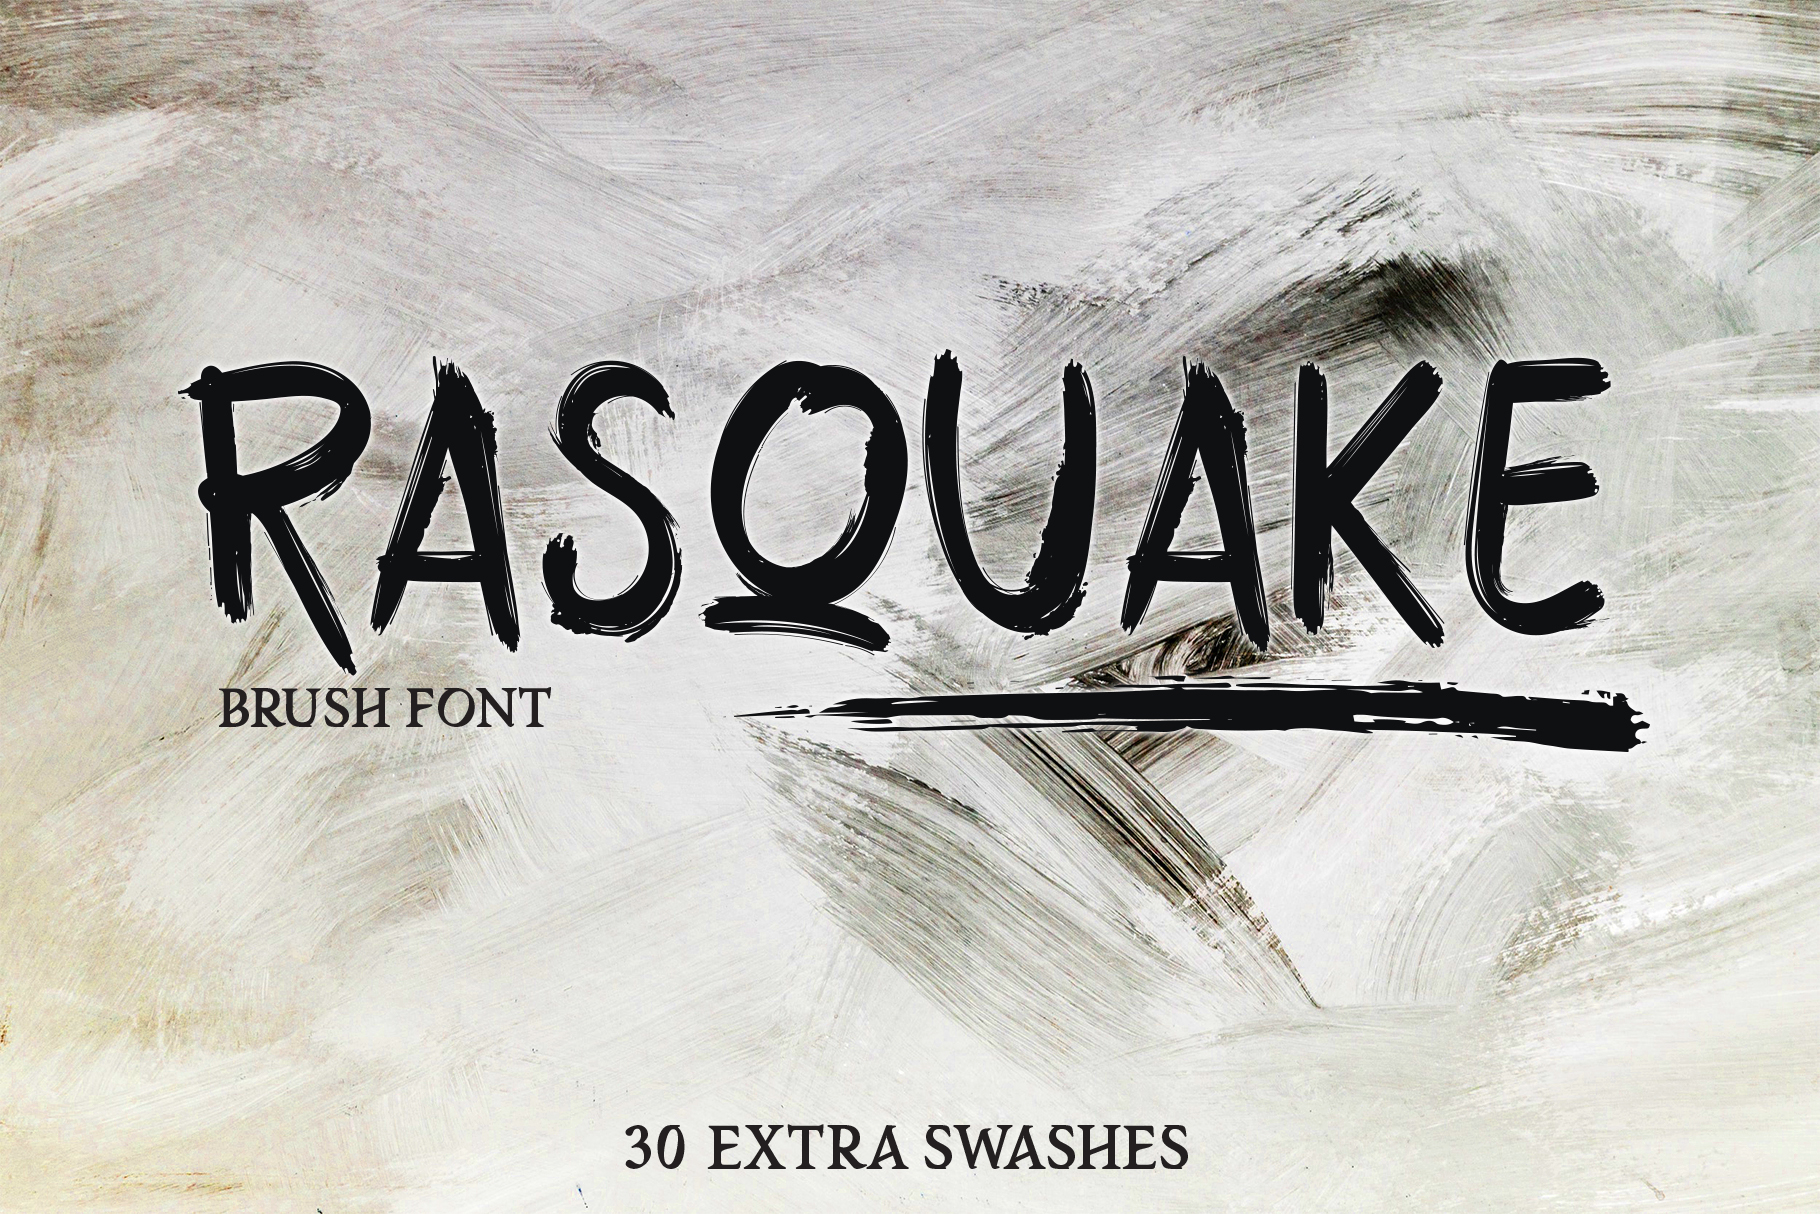 RASQUAKE brush font EXTRA swashes example image 1